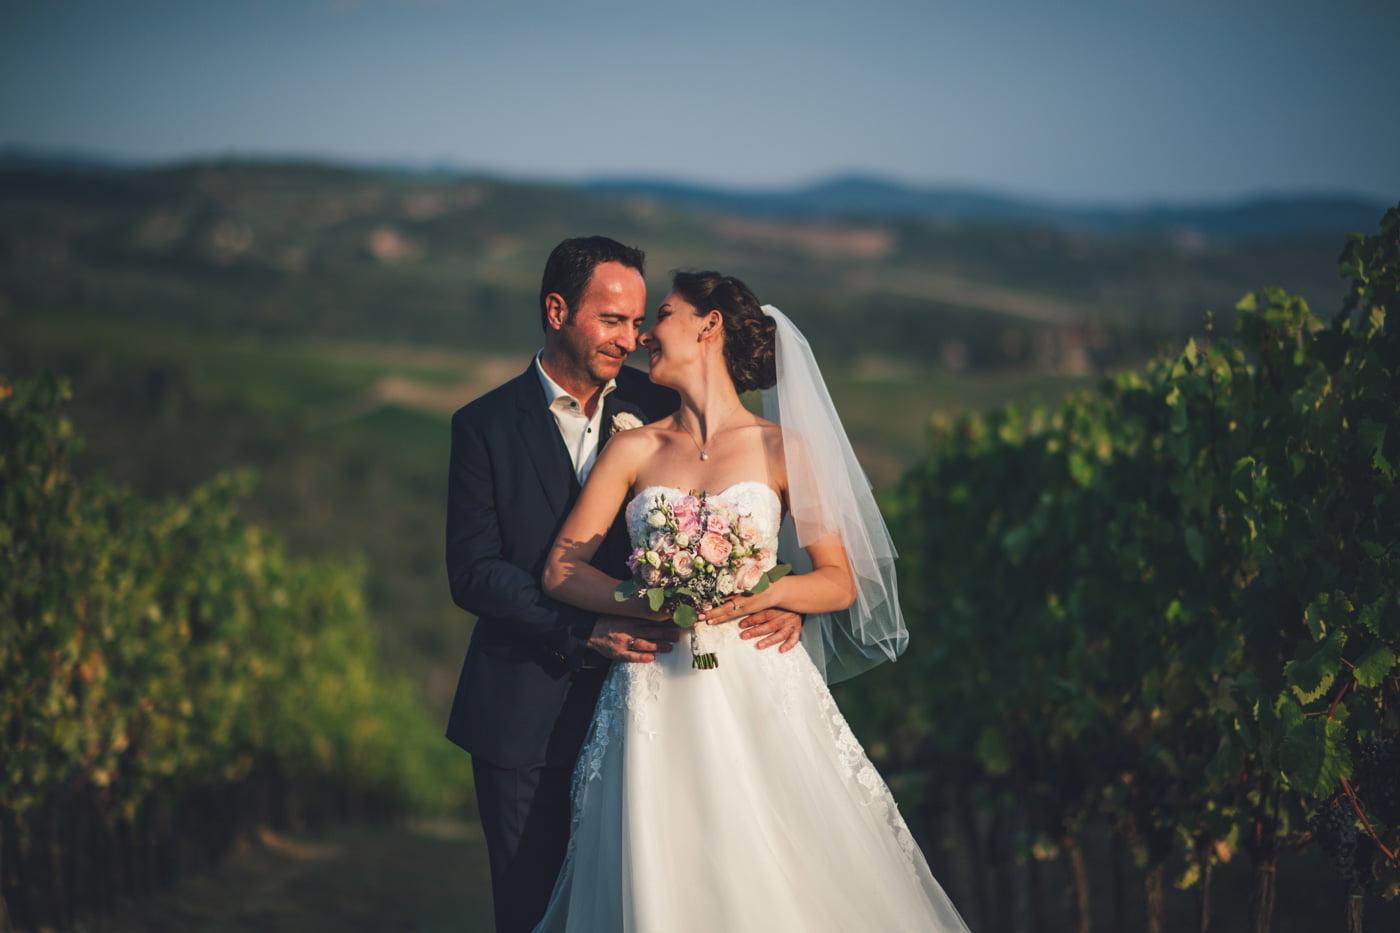 043-wedding-tuscany-rignana